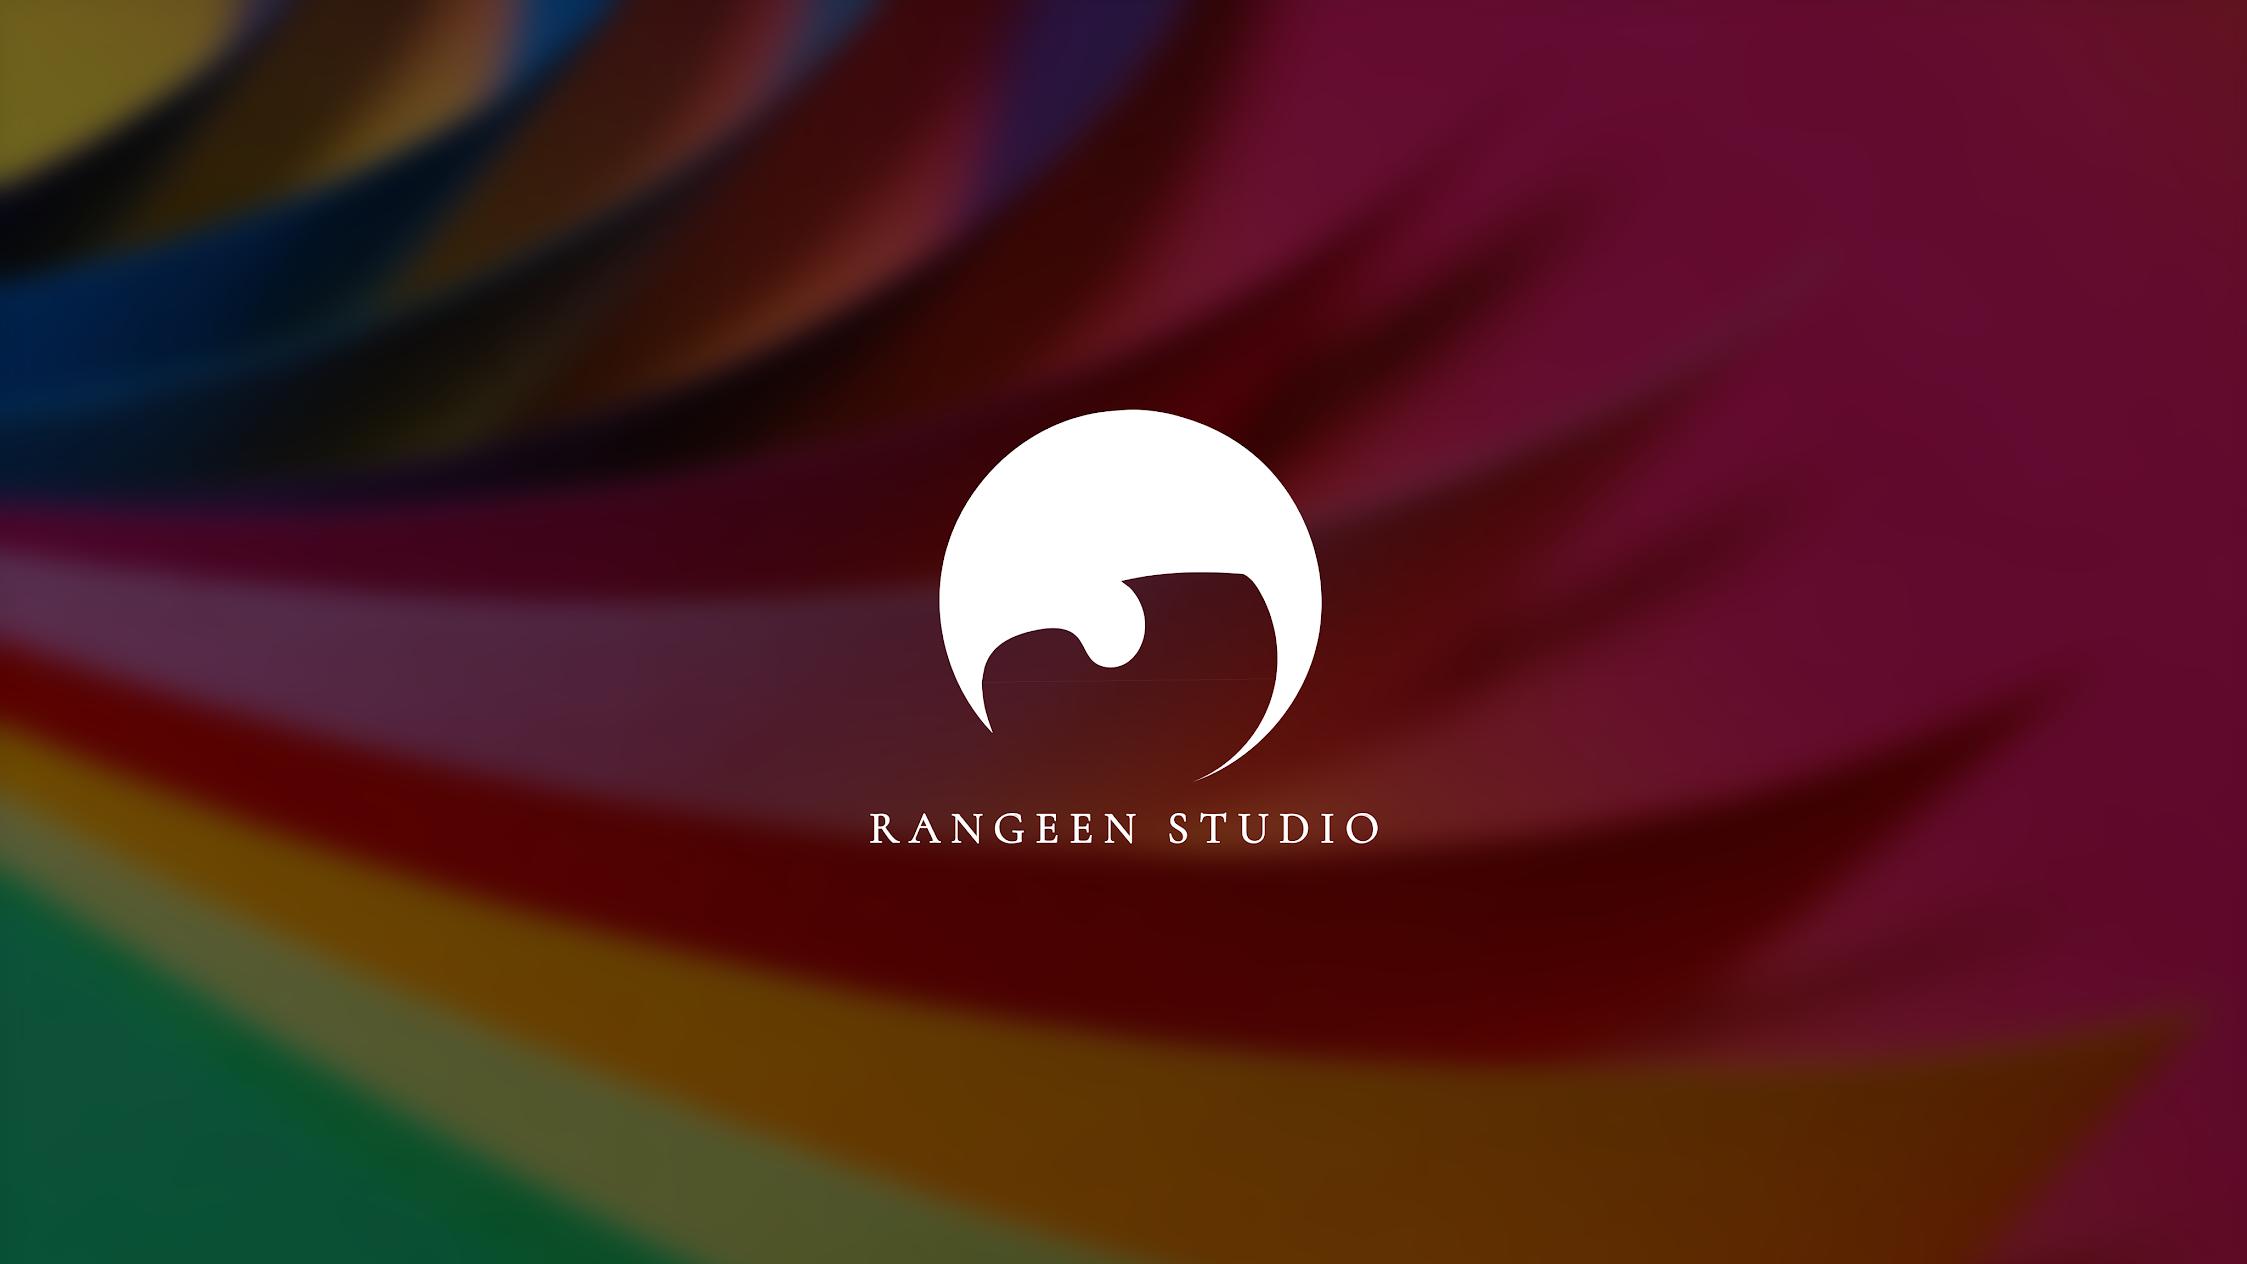 Rangeen Studio